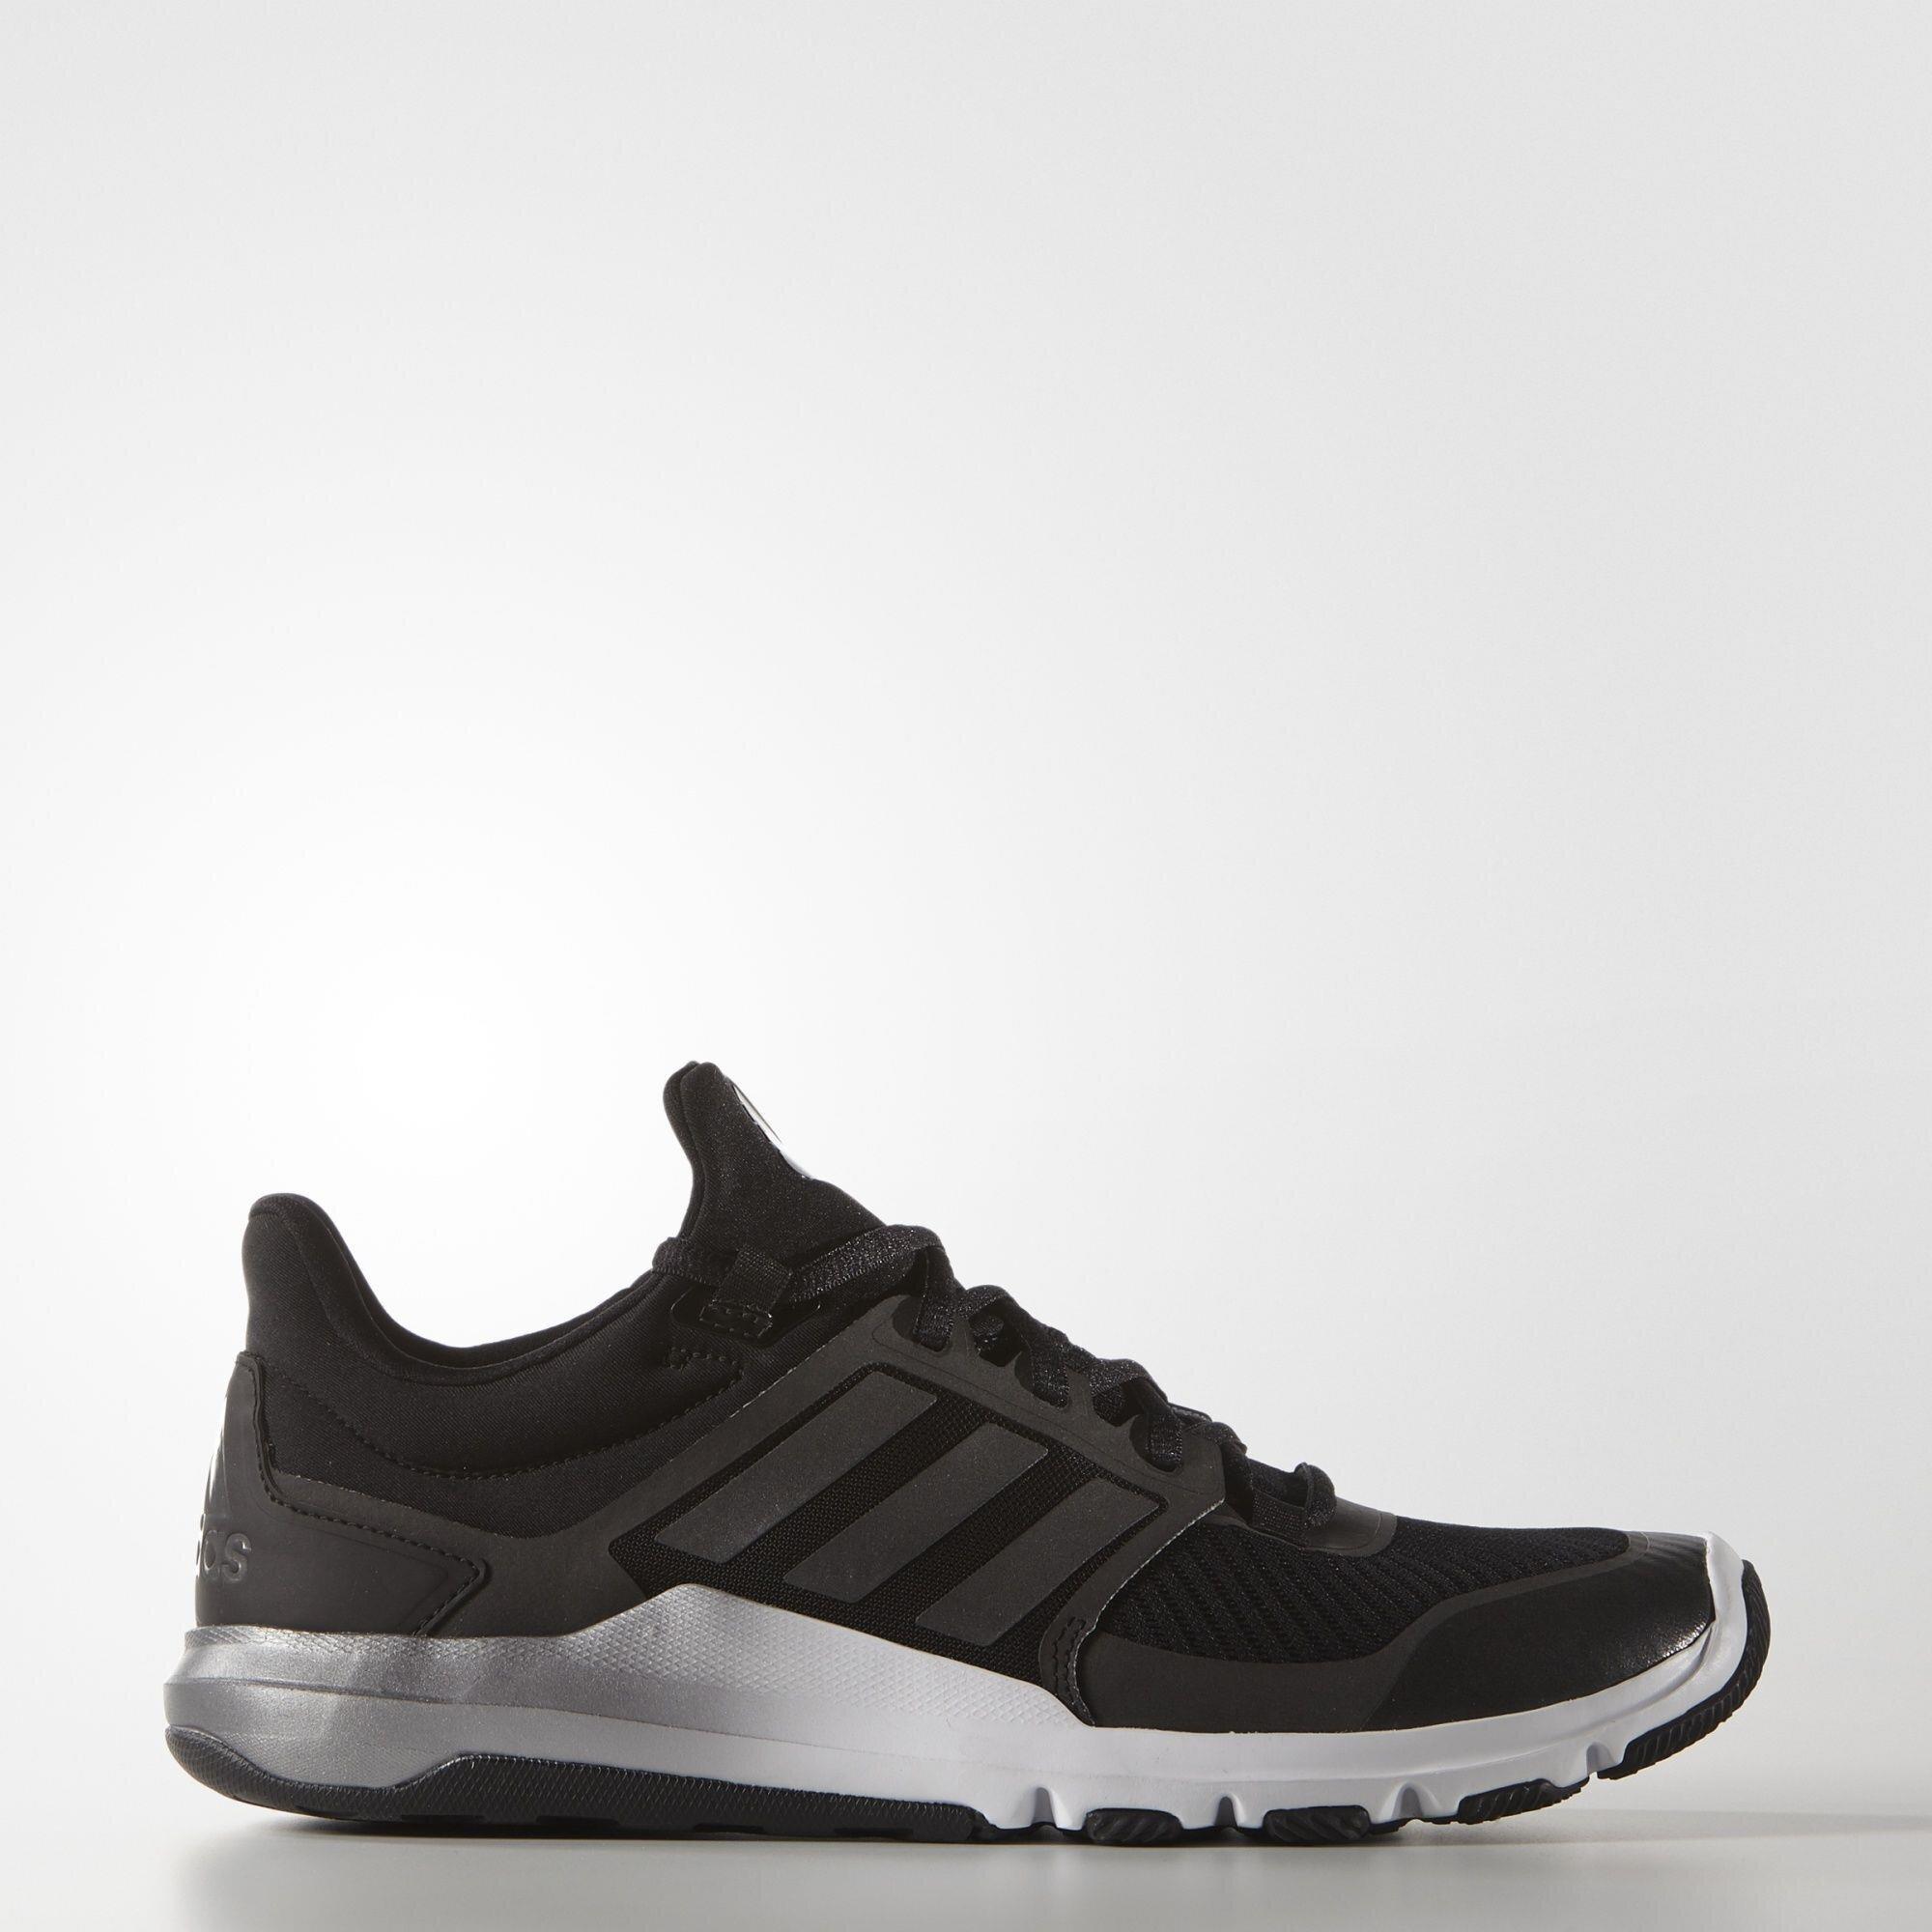 Giày thể thao chạy bộ Adidas Adipure 360.3